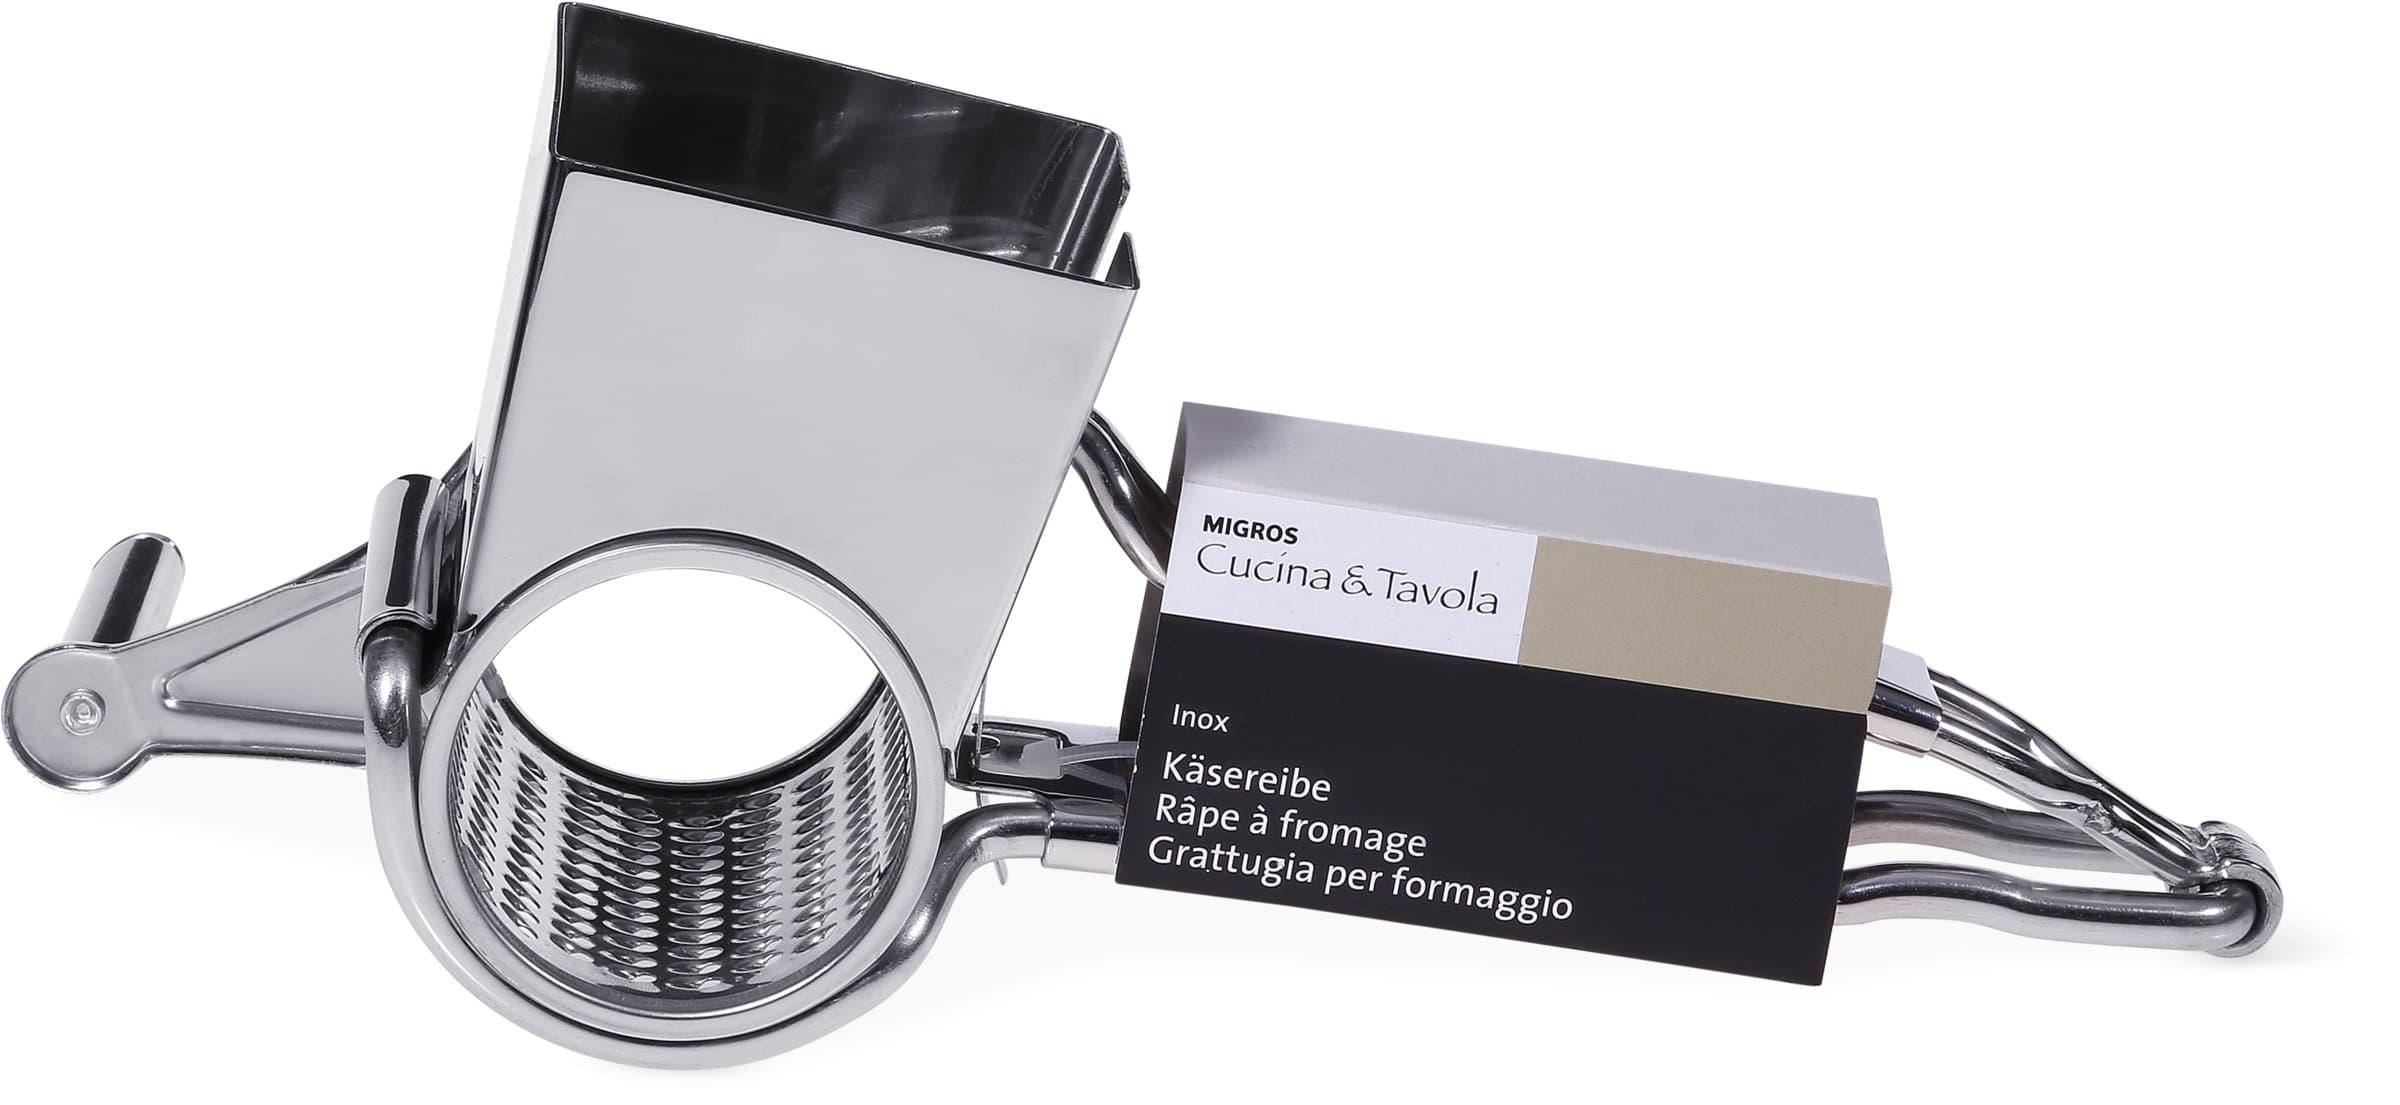 Cucina & Tavola Grattugia per fromaggio